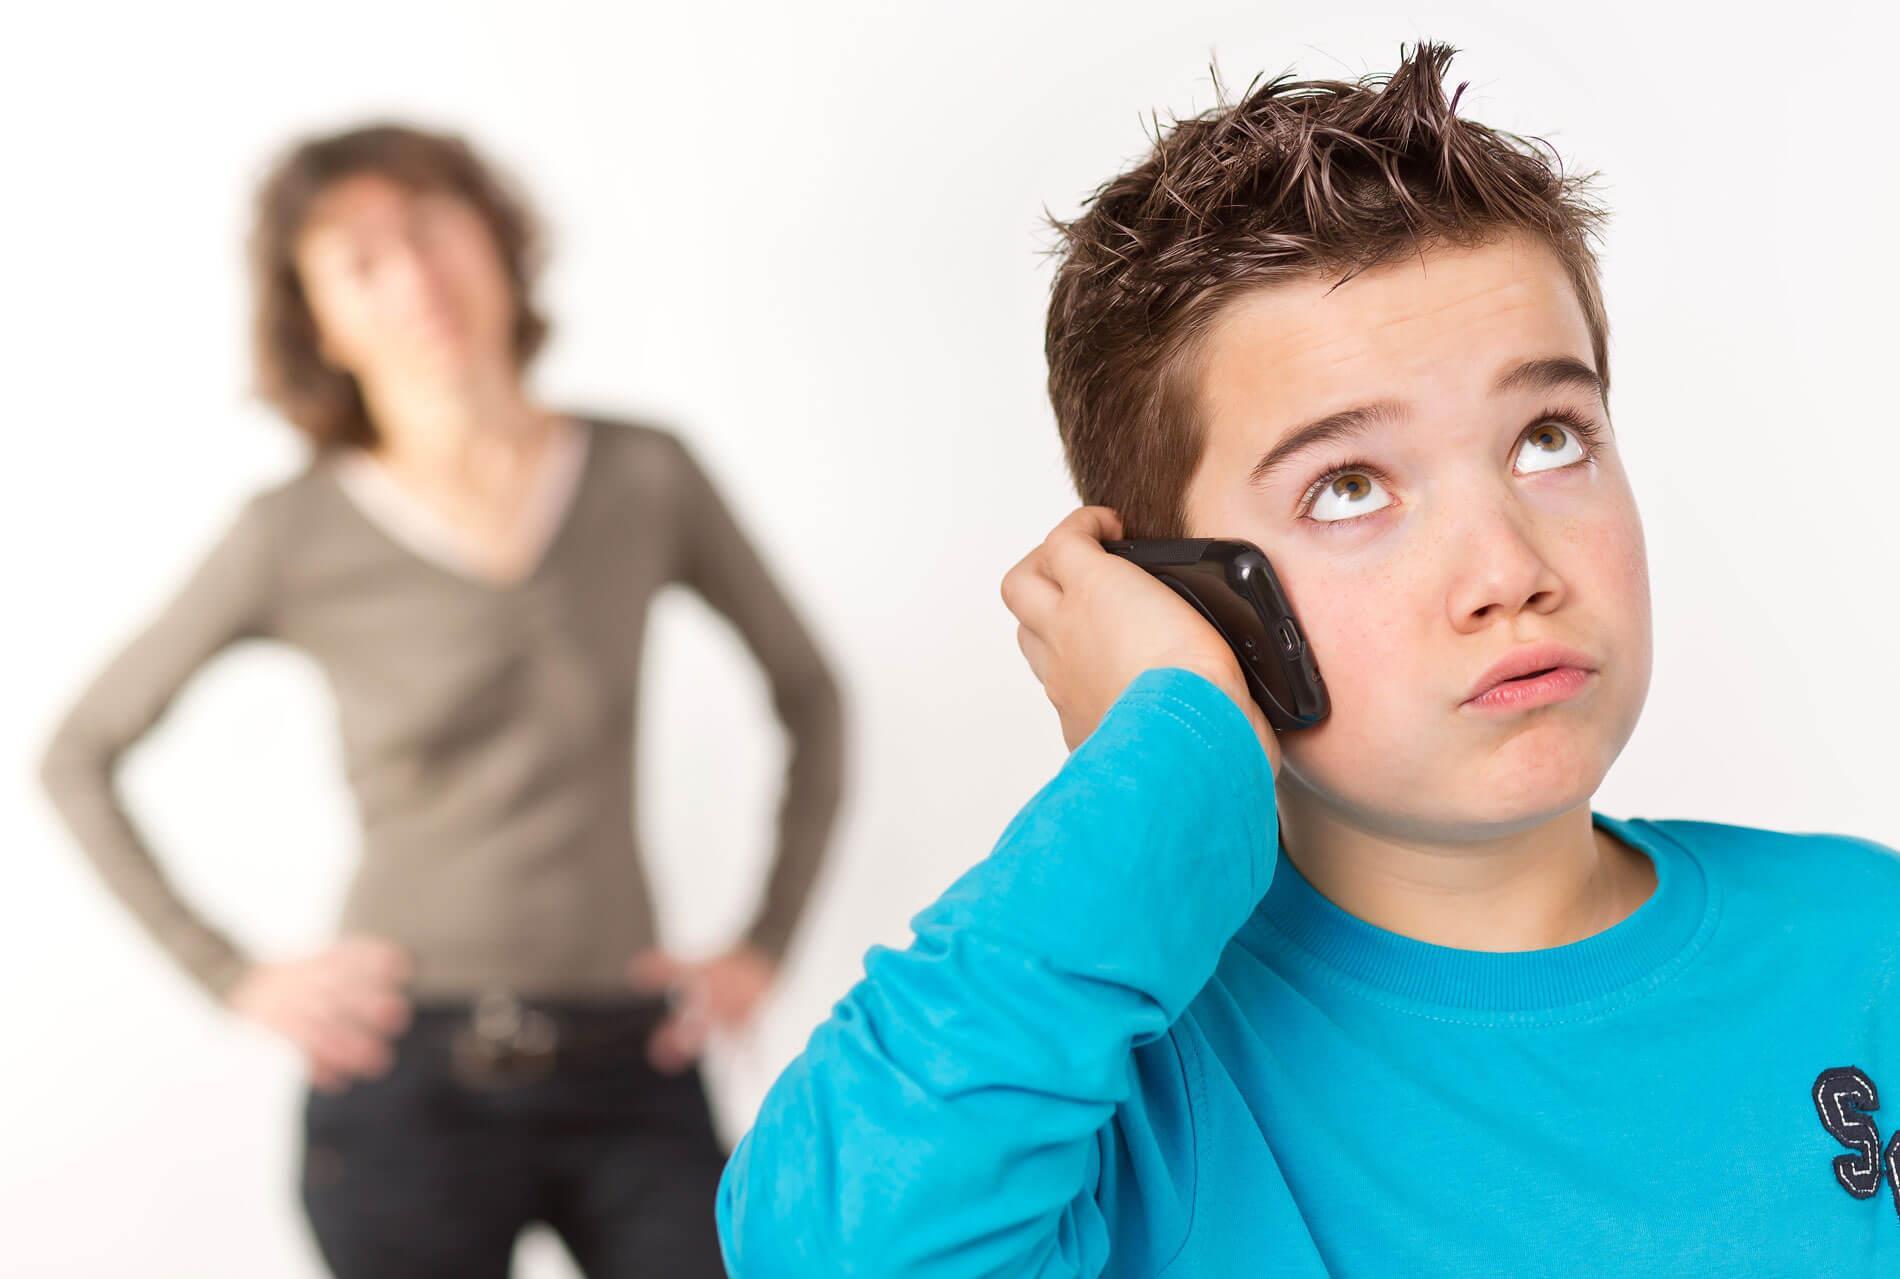 چرا نوجوانان باید دیرتر به مدرسه بروند؟ – بخش دوم